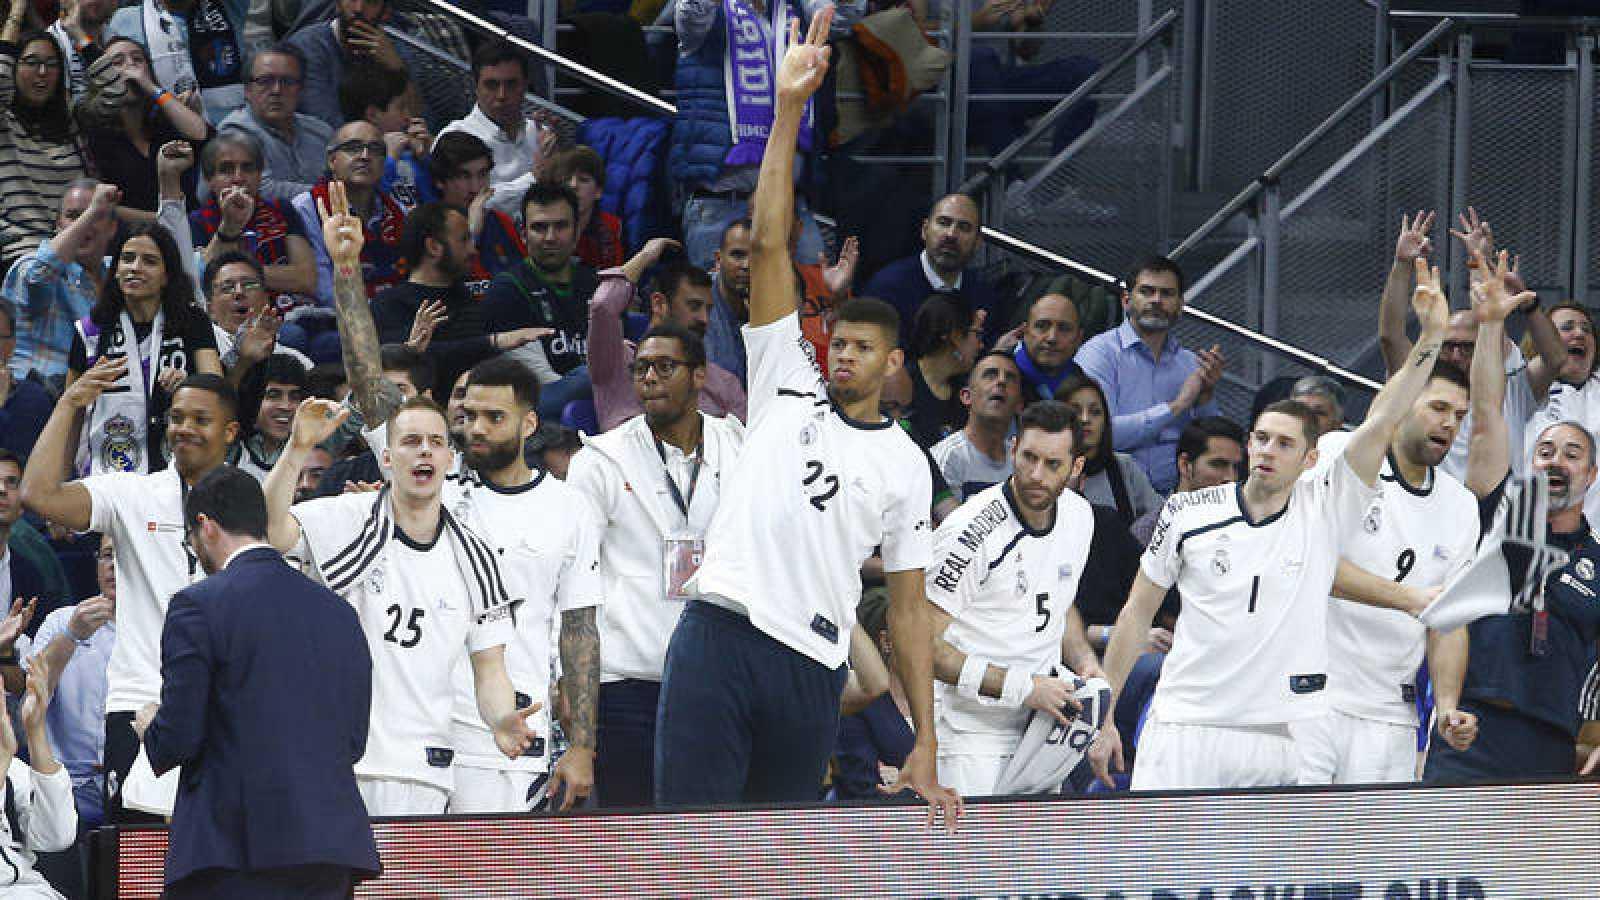 El banquillo del Madrid celebra una canasta del equipo.